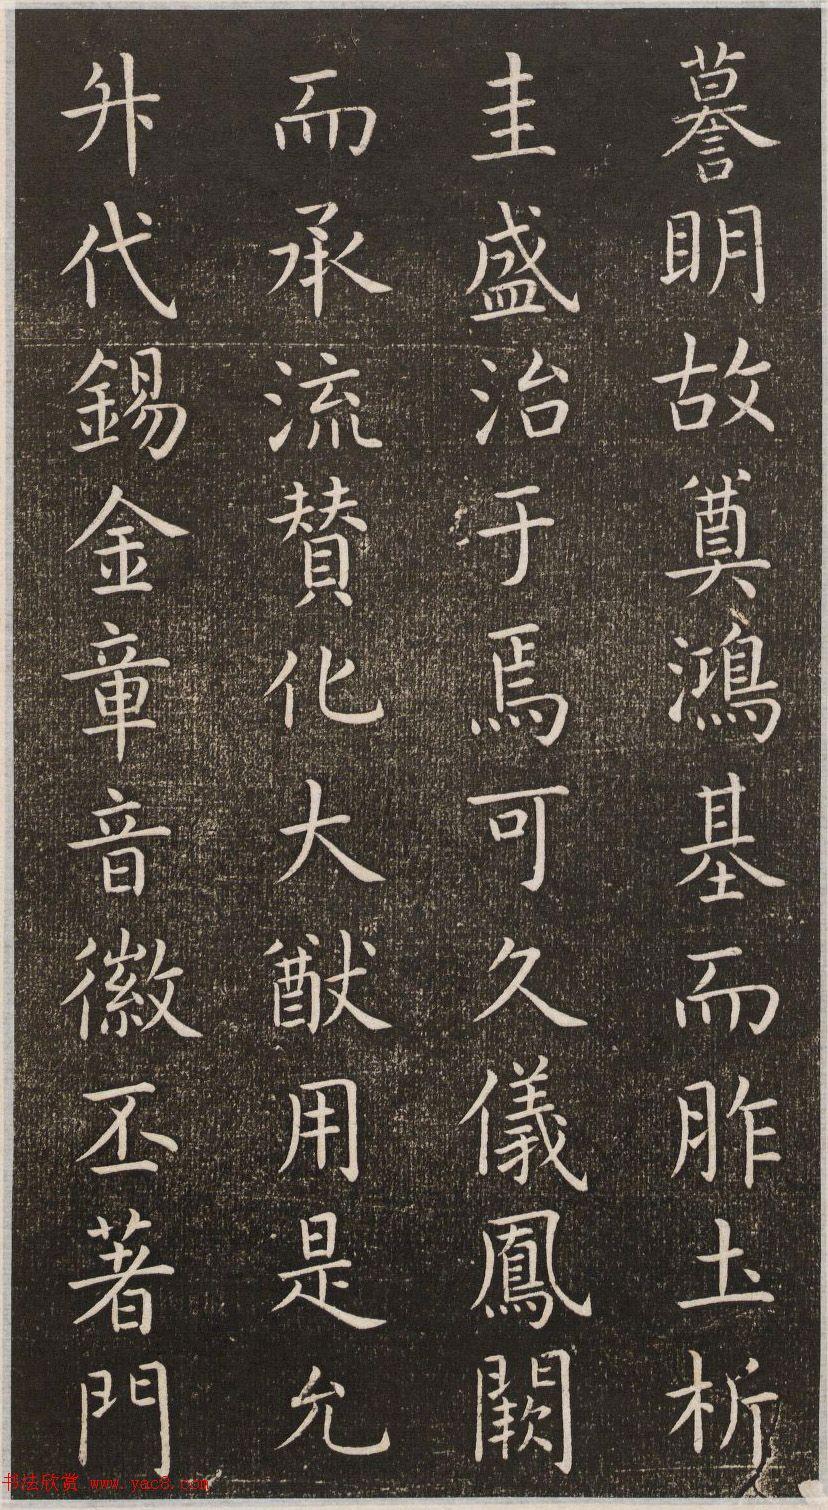 初唐大书法家虞世南楷书《演连珠》